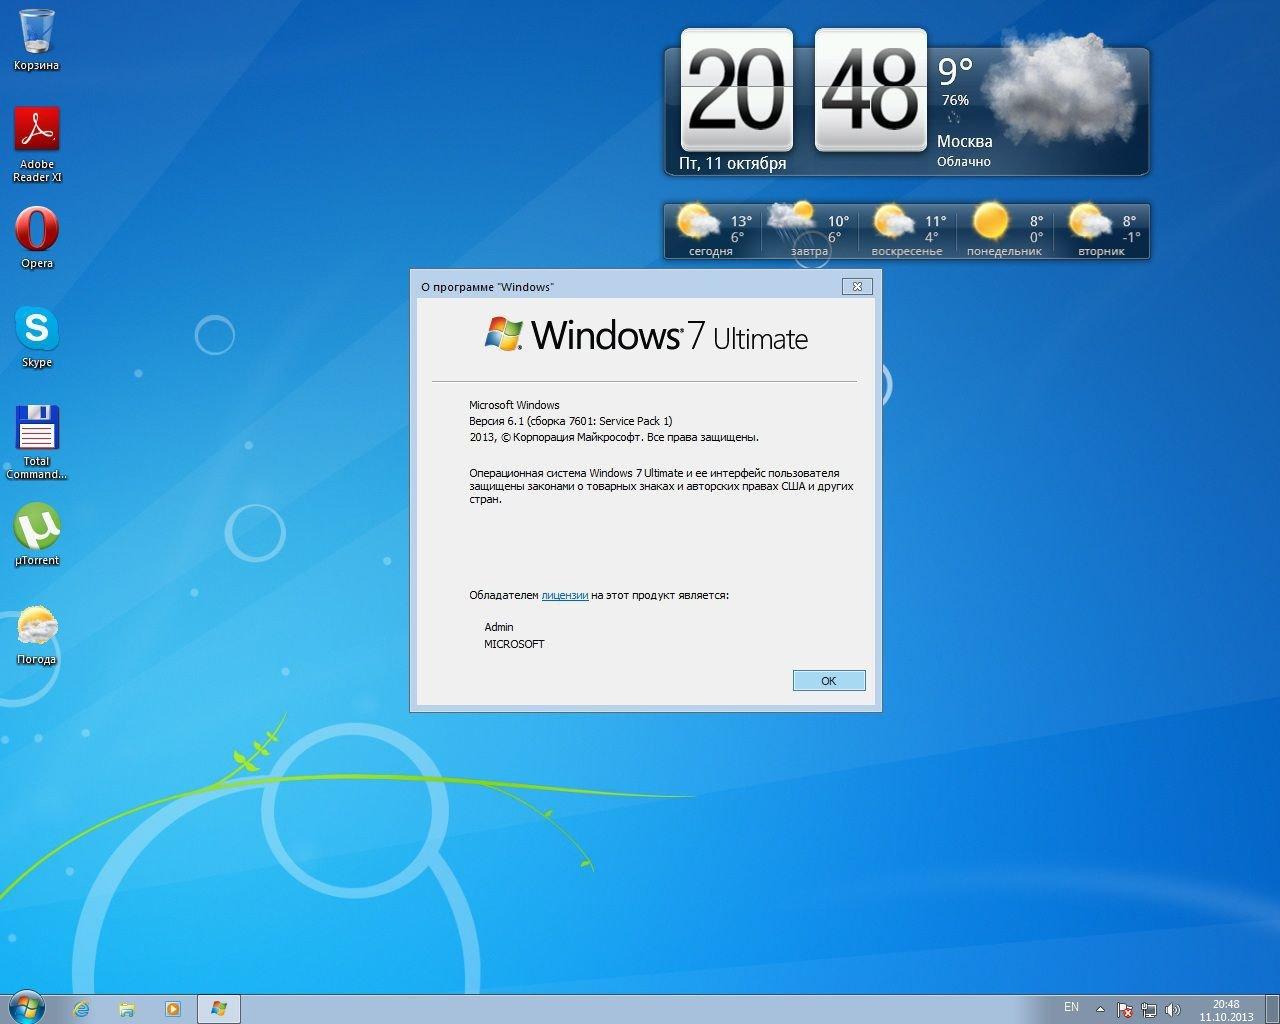 Где скачать оригинальный образ Windows 7  YouTube